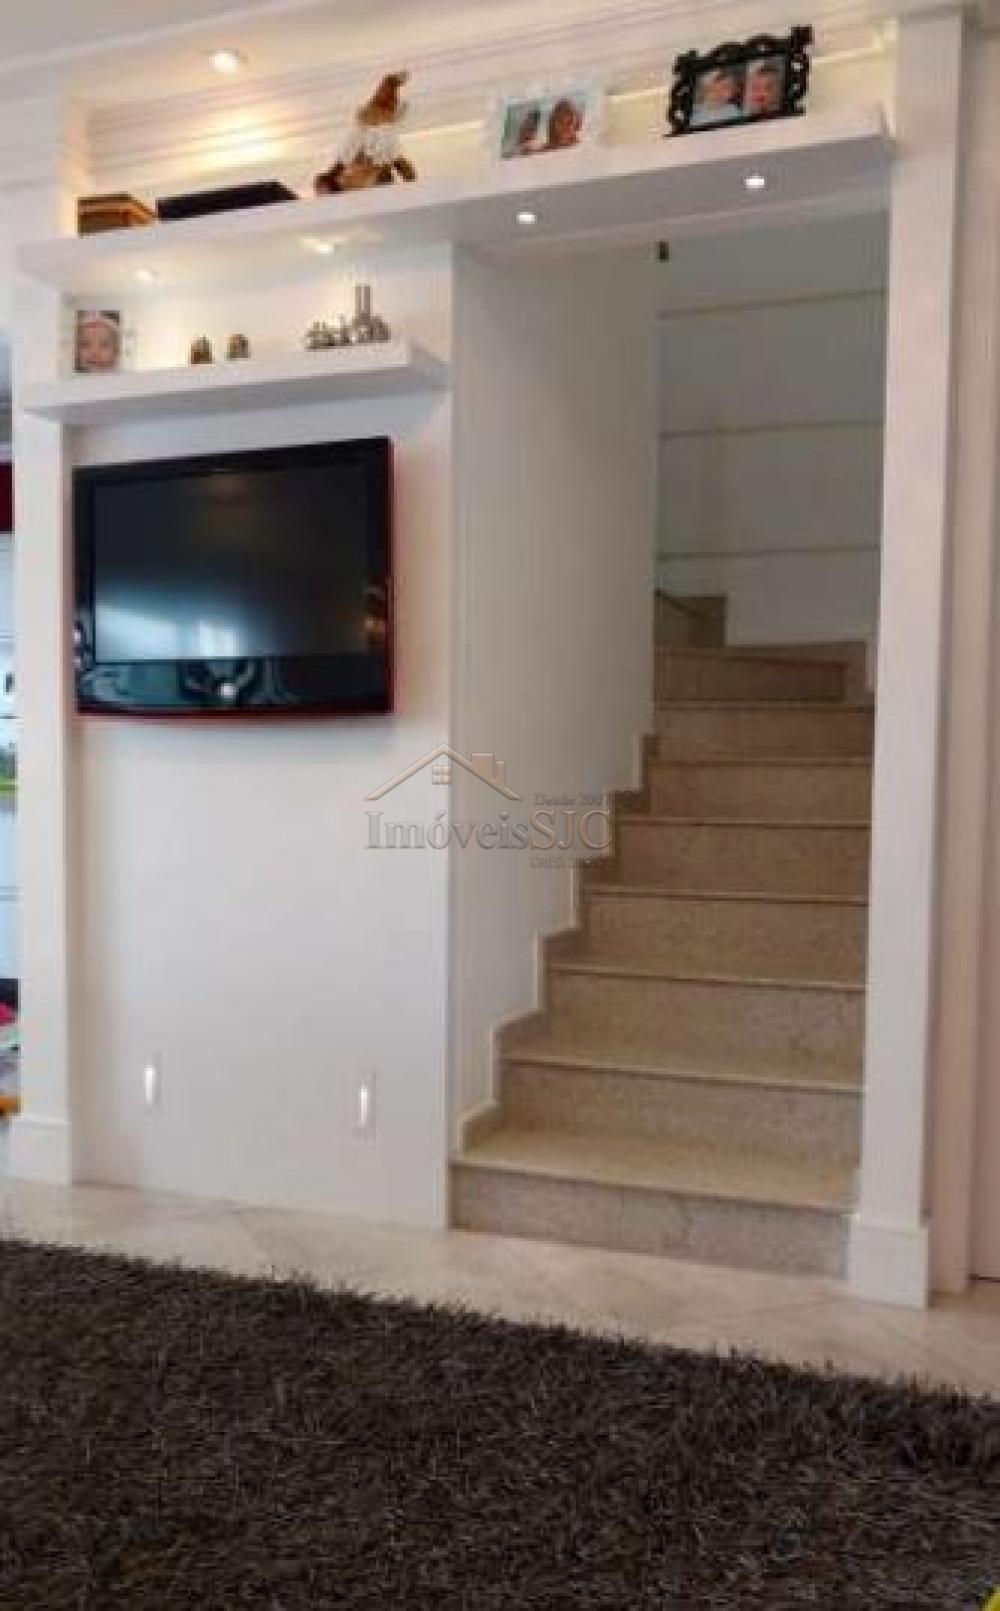 Comprar Casas / Condomínio em São José dos Campos apenas R$ 540.000,00 - Foto 15